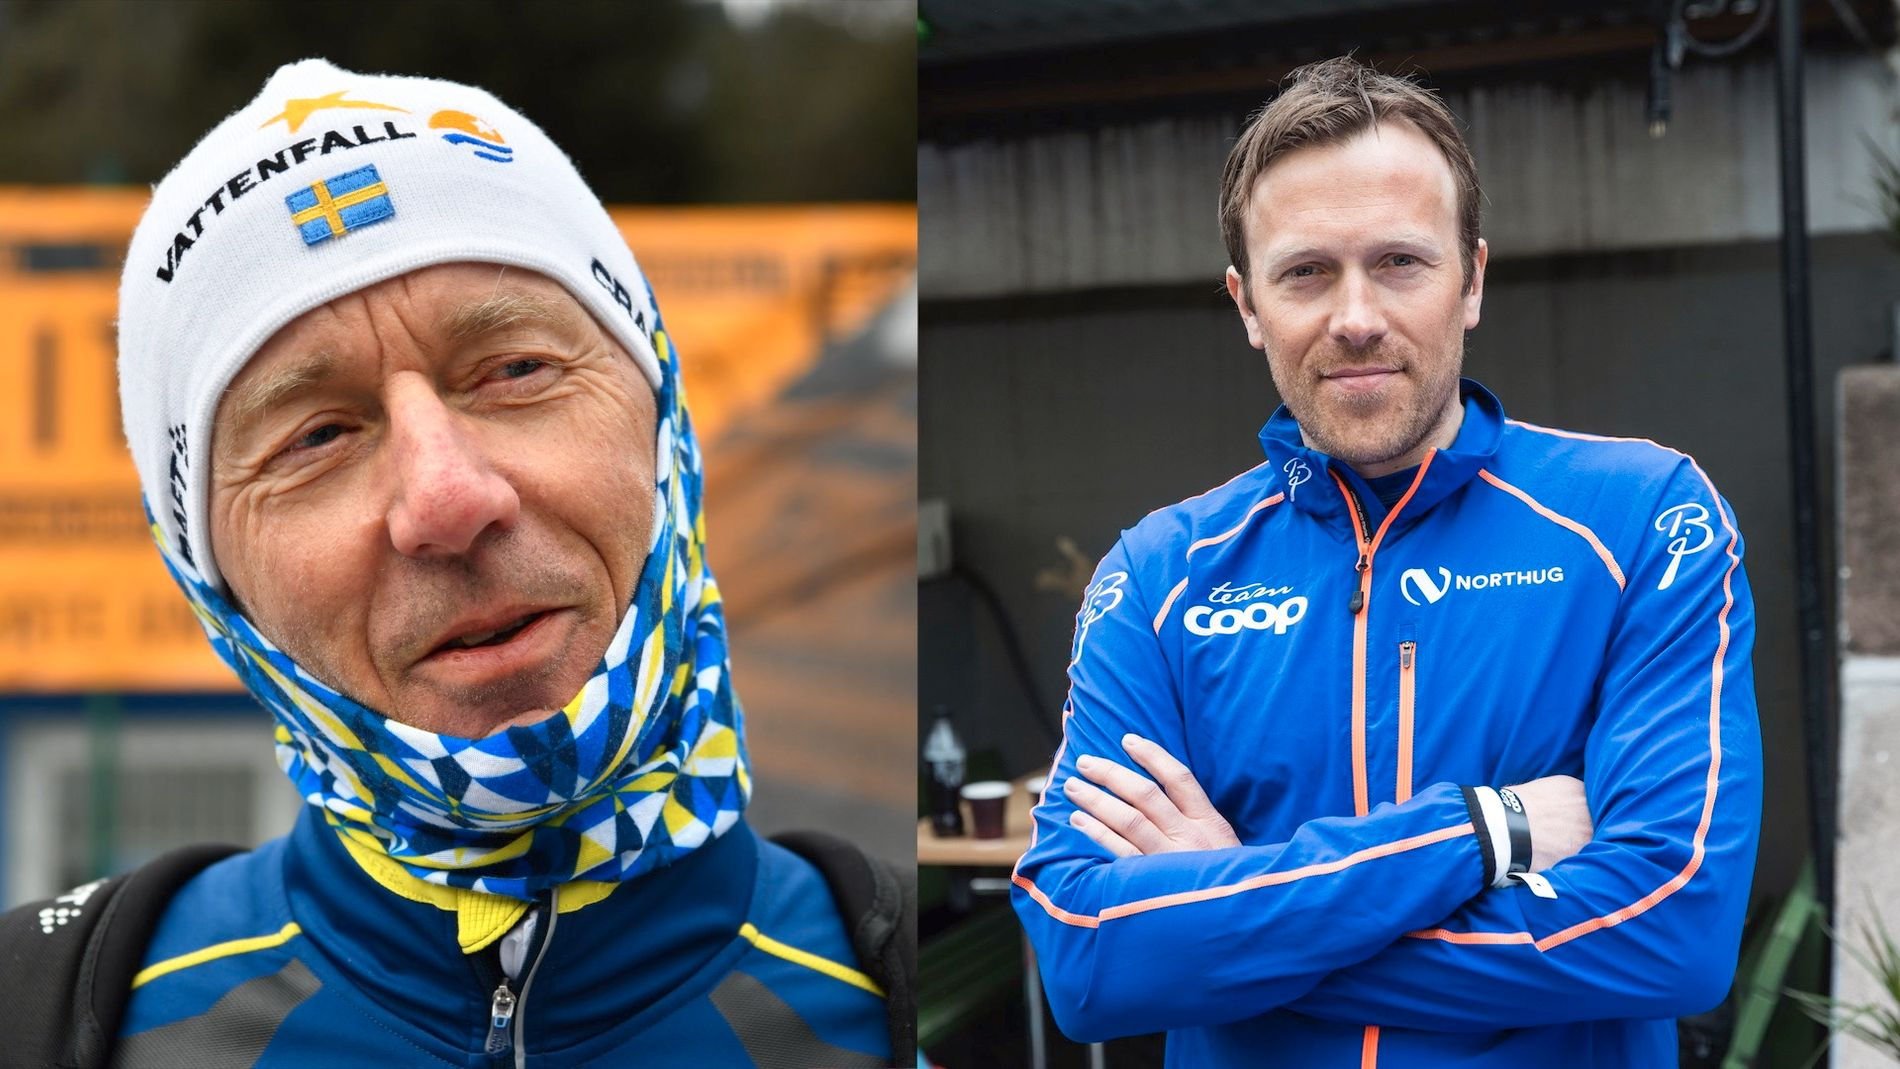 AKTUELLE FOR SKIFORBUNDET? Ole Morten Iversen (venstre) og Stig Rune Kveen (høyre) løftes frem som kandidater for kommende sesongs damelandslag.